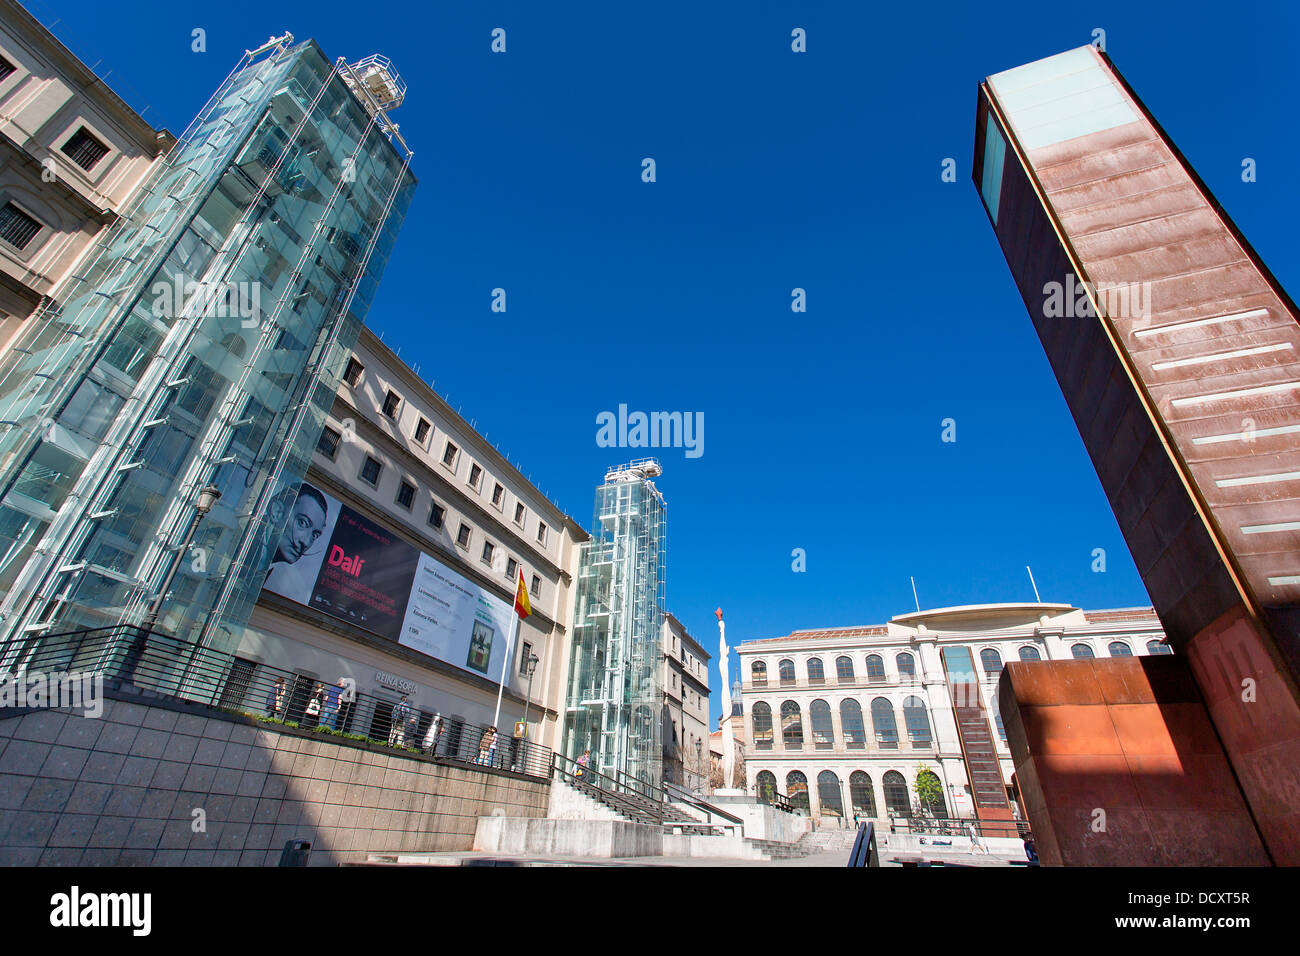 Madrid, Museo Nacional Centro de Arte Reina Sofia - Stock Image